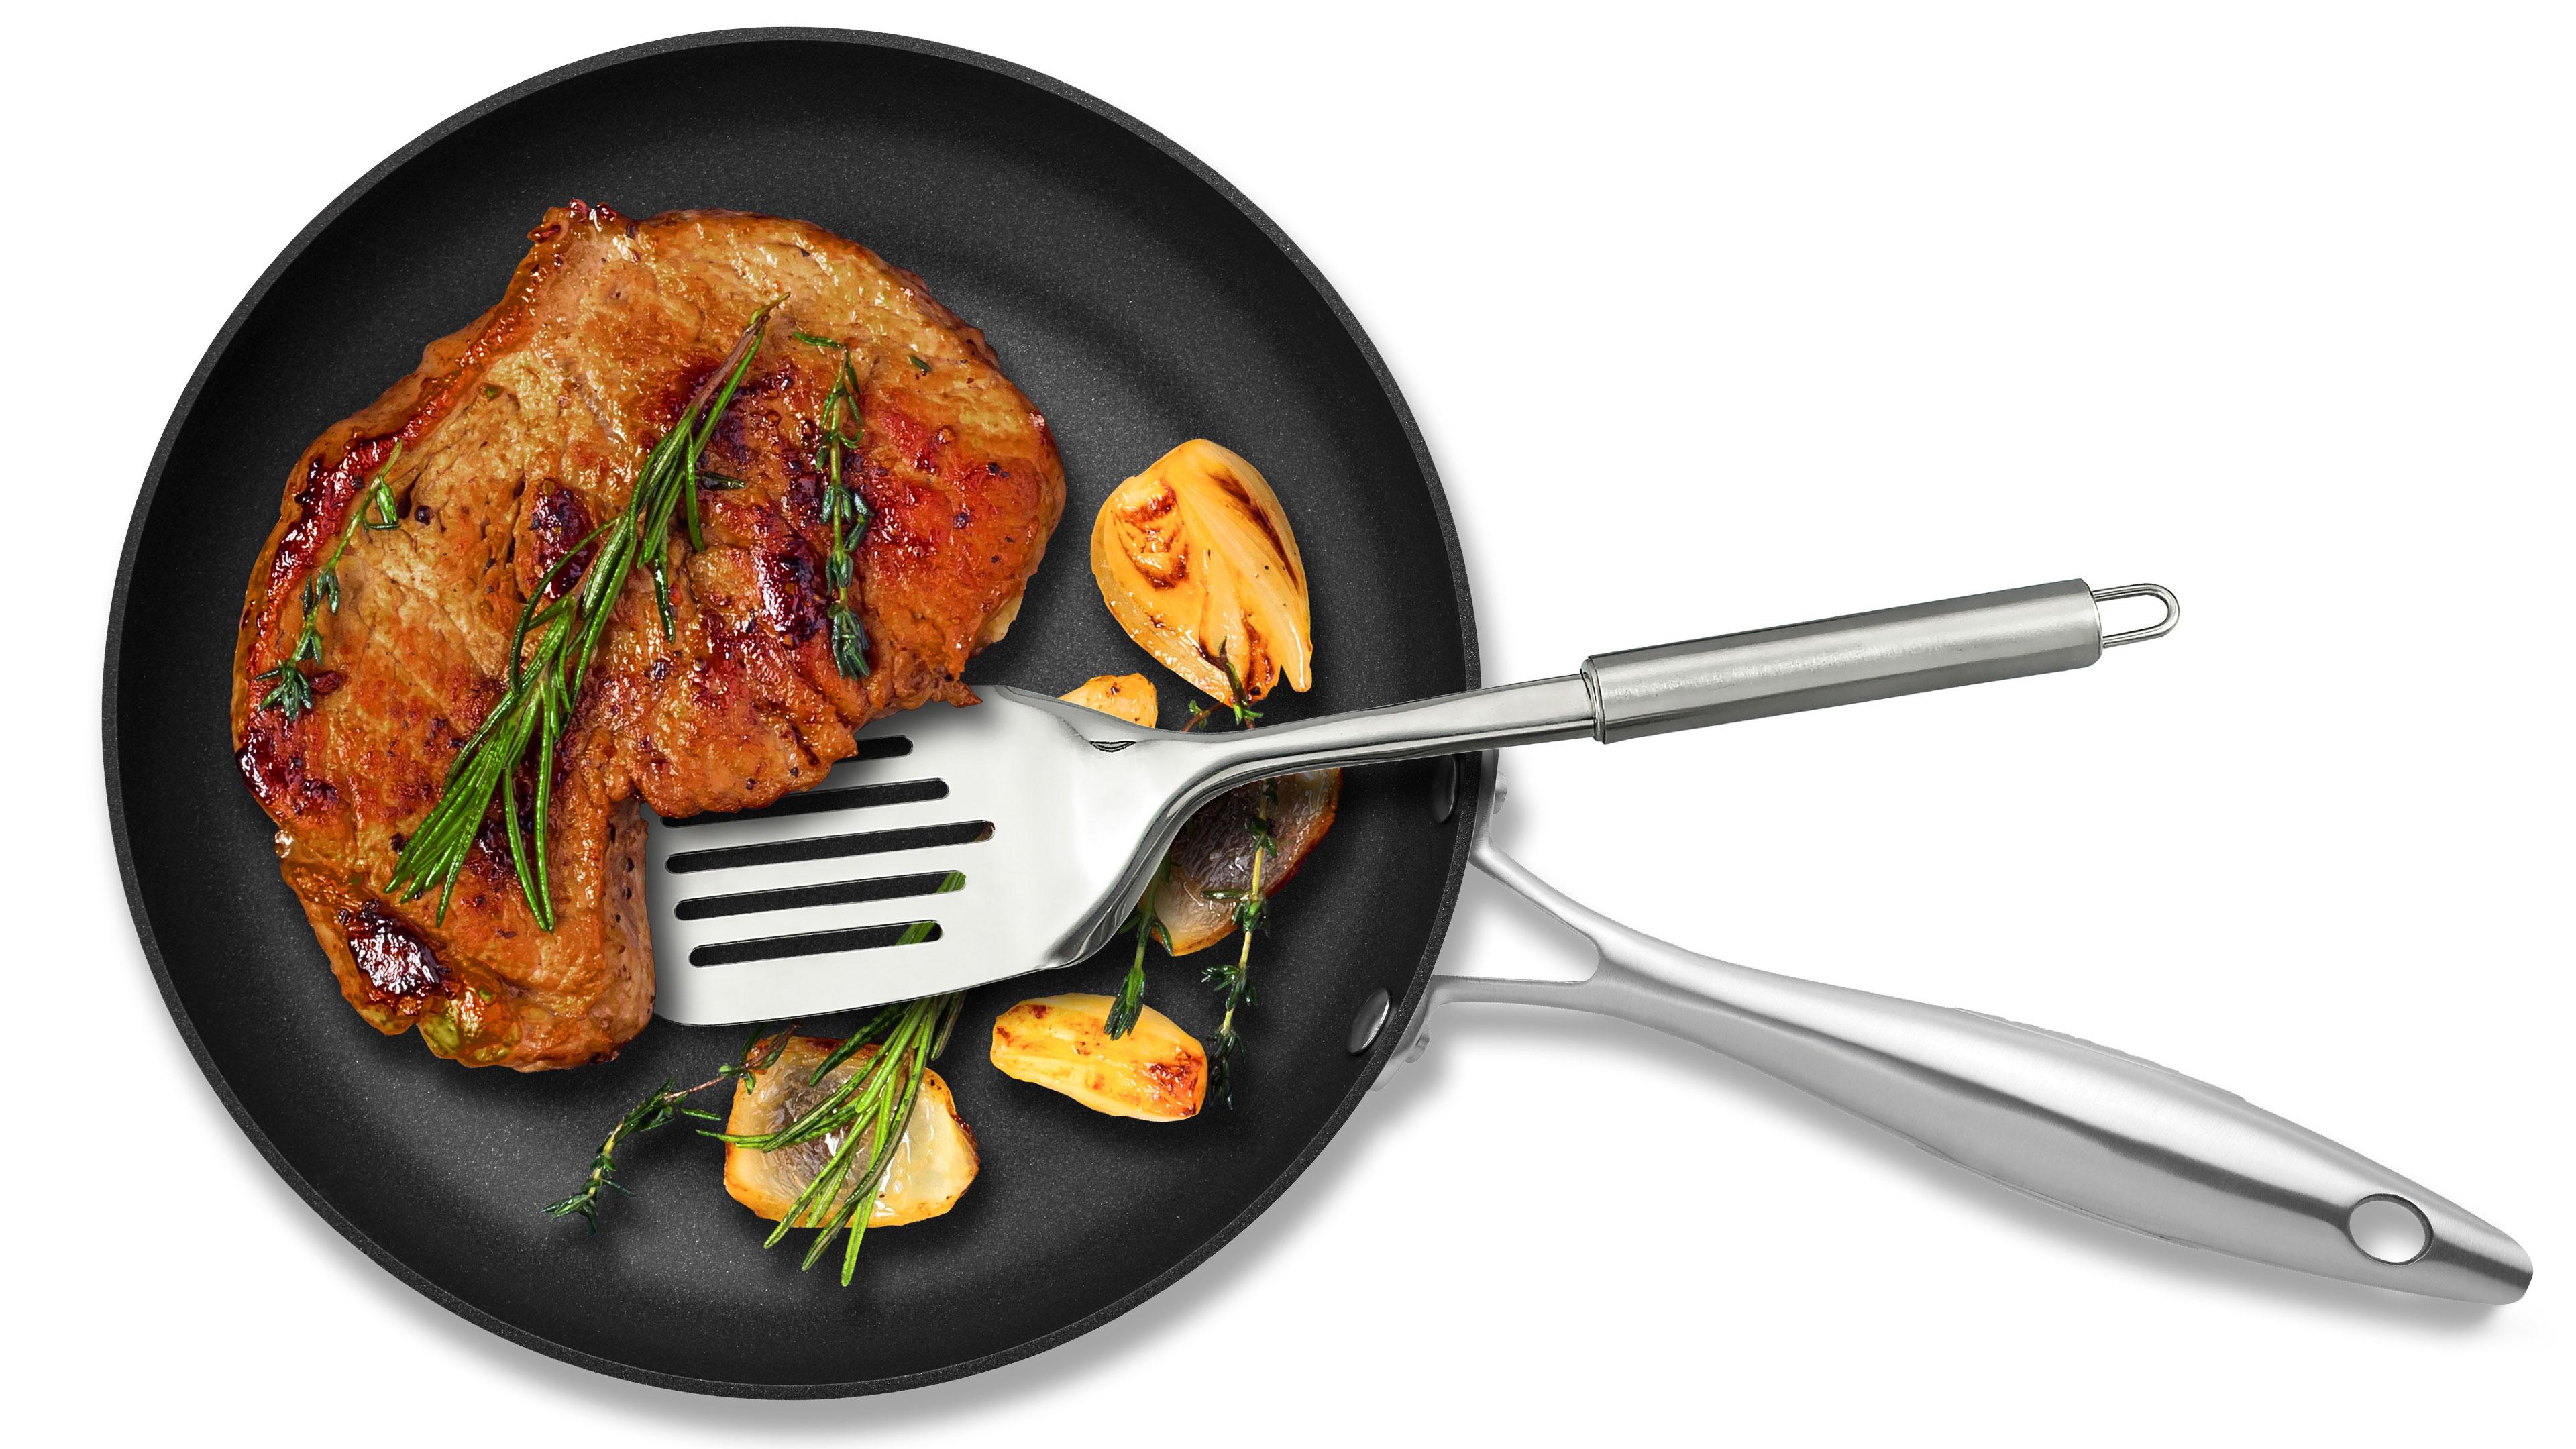 Scanpan Ctx Cookware Set New Stratanium Nonstick 14